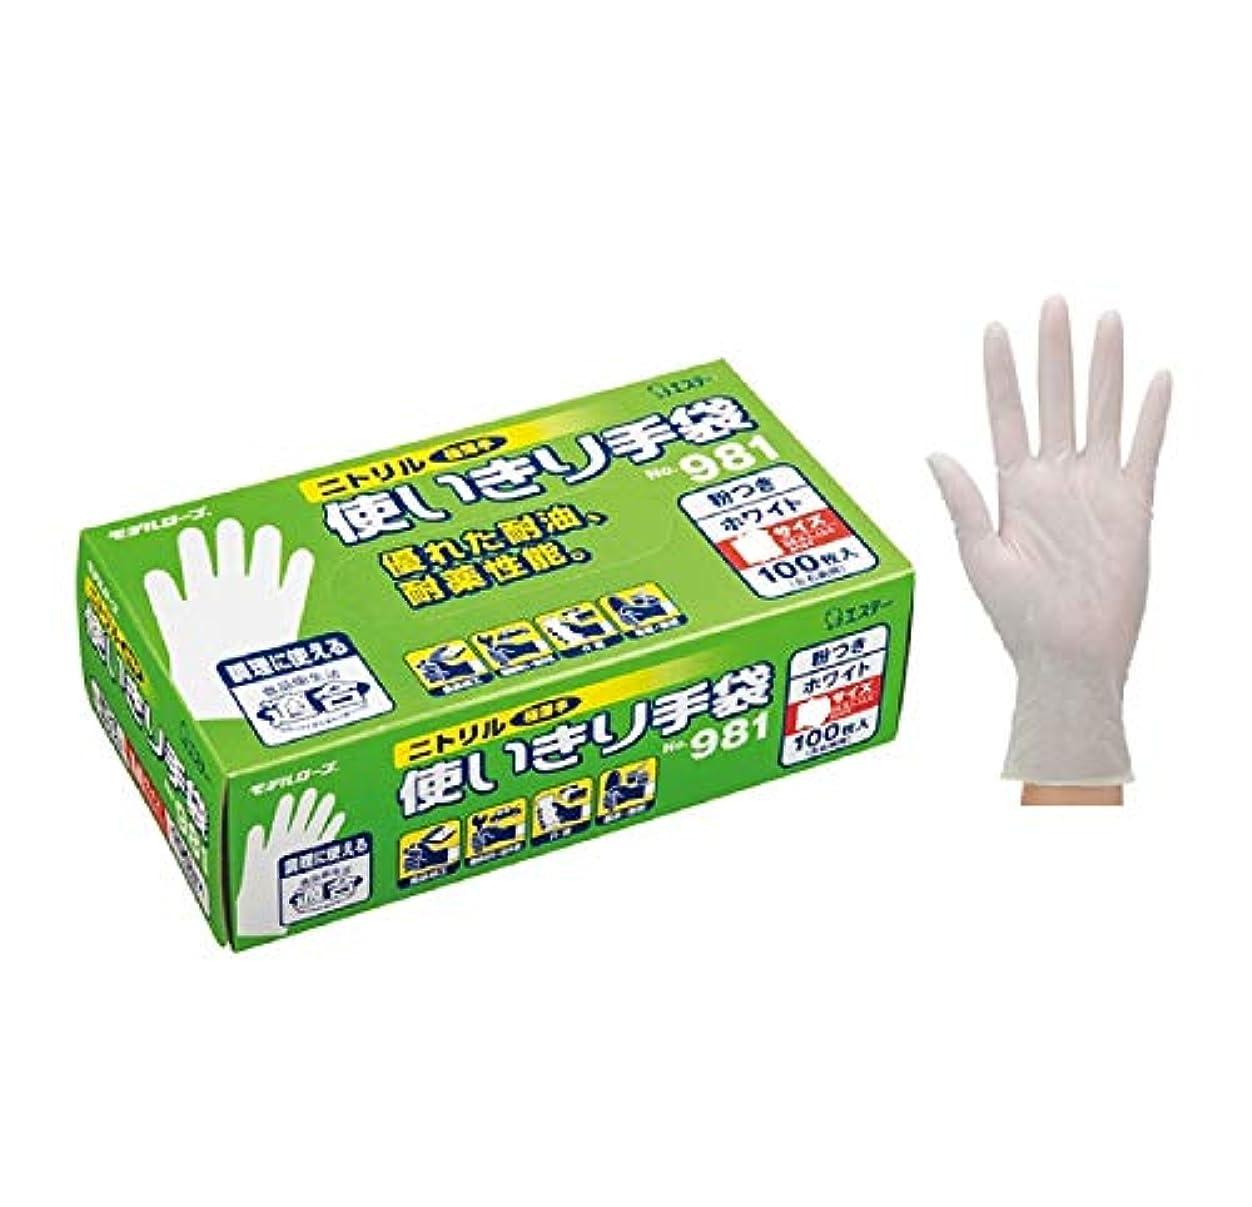 レトルト模倣解釈エステー ニトリル手袋/作業用手袋 [粉付 No981/M 12箱]